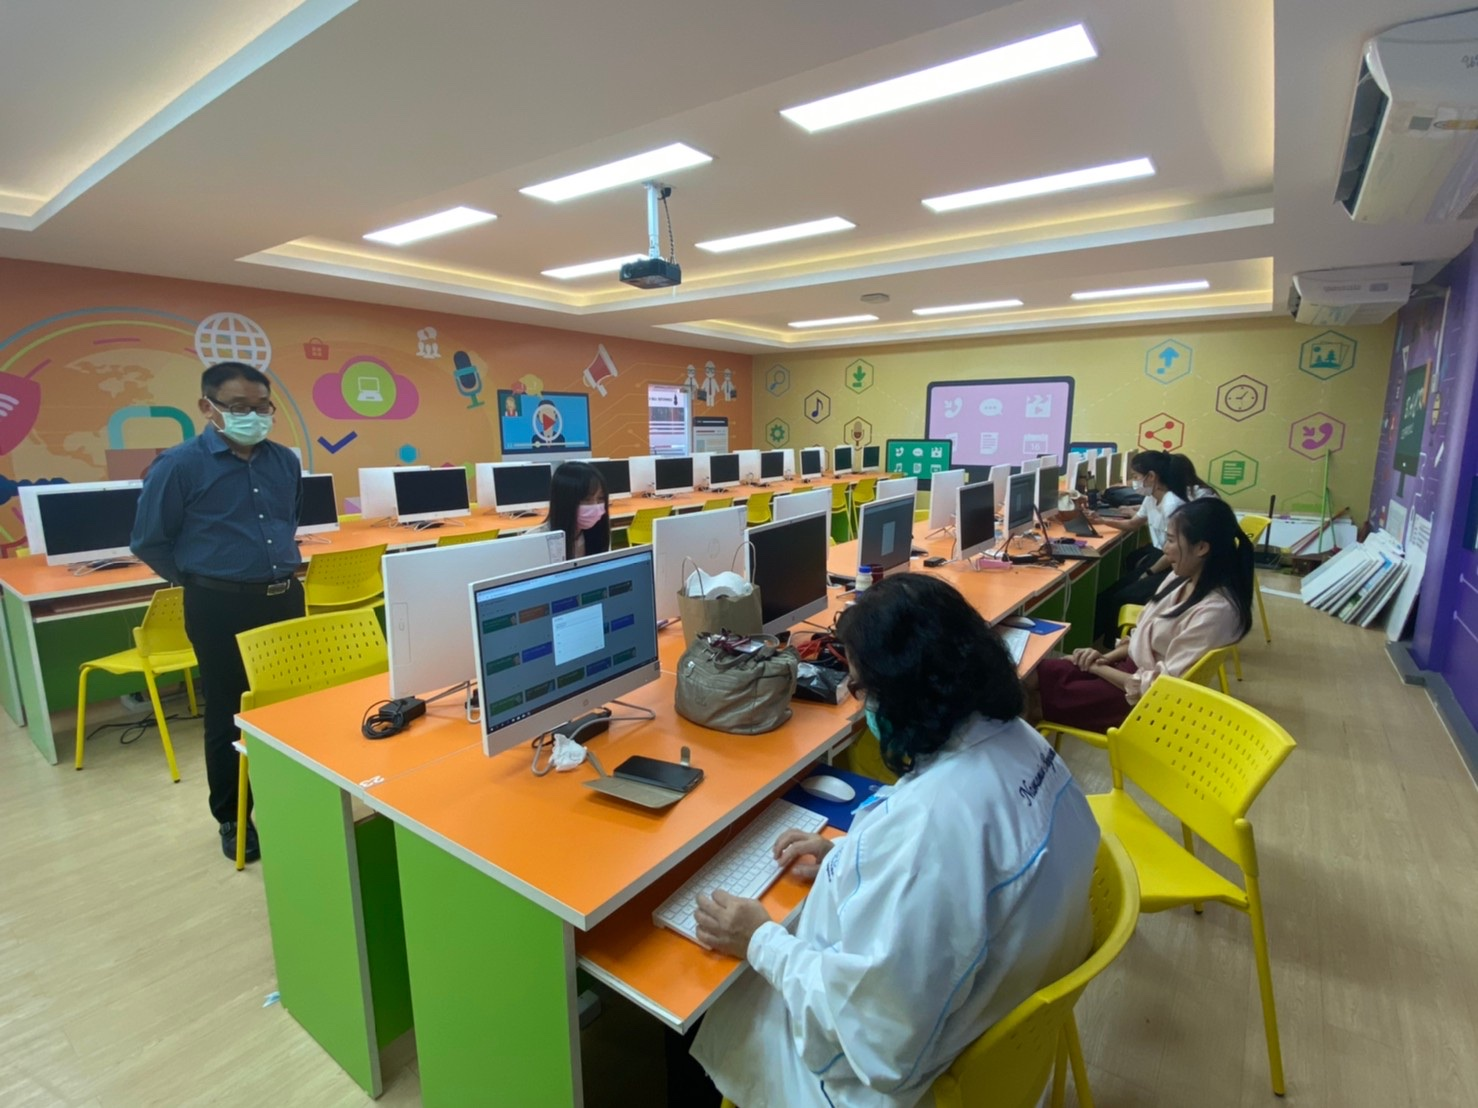 อบรมการสร้างสื่อการเรียนการสอนในรูปแบบออนไลน์